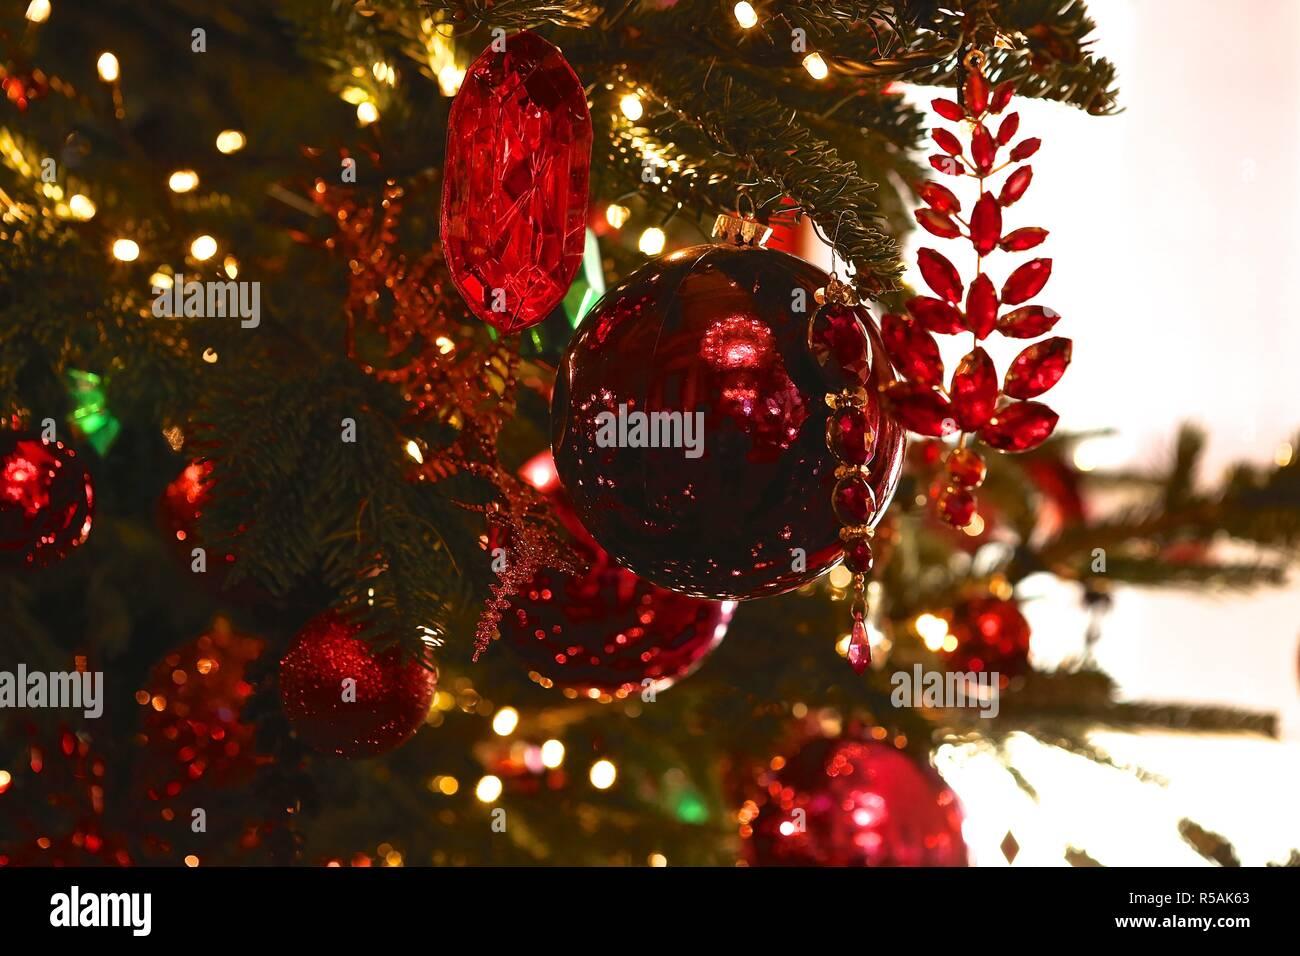 Weihnachten Am 6 Januar.Weihnachten Im Schloss Windsor 1 Dezember 2018 6 Januar 2019